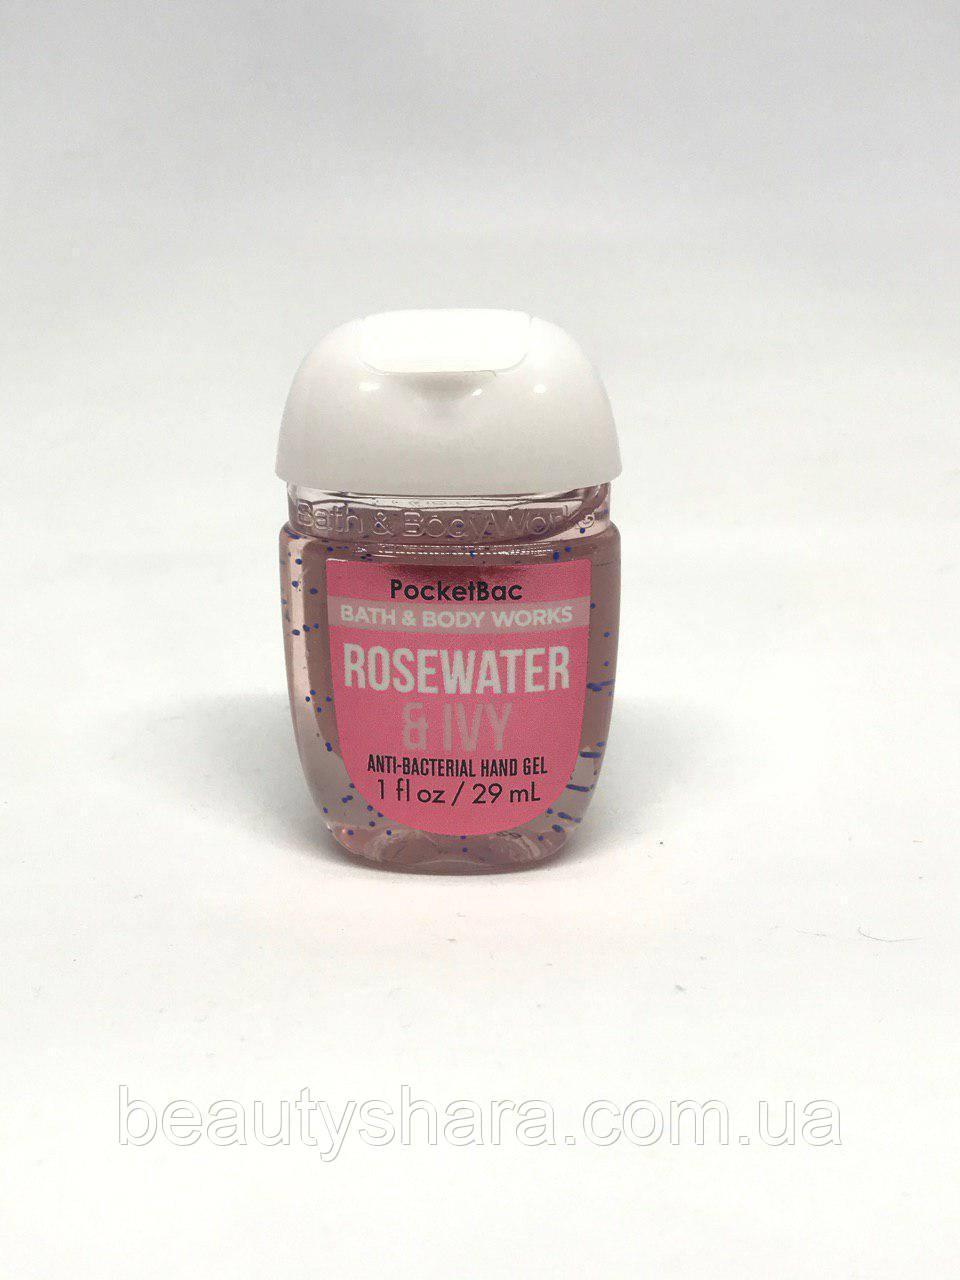 Санитайзер Bath & body works Rosewater & IVY 29mL